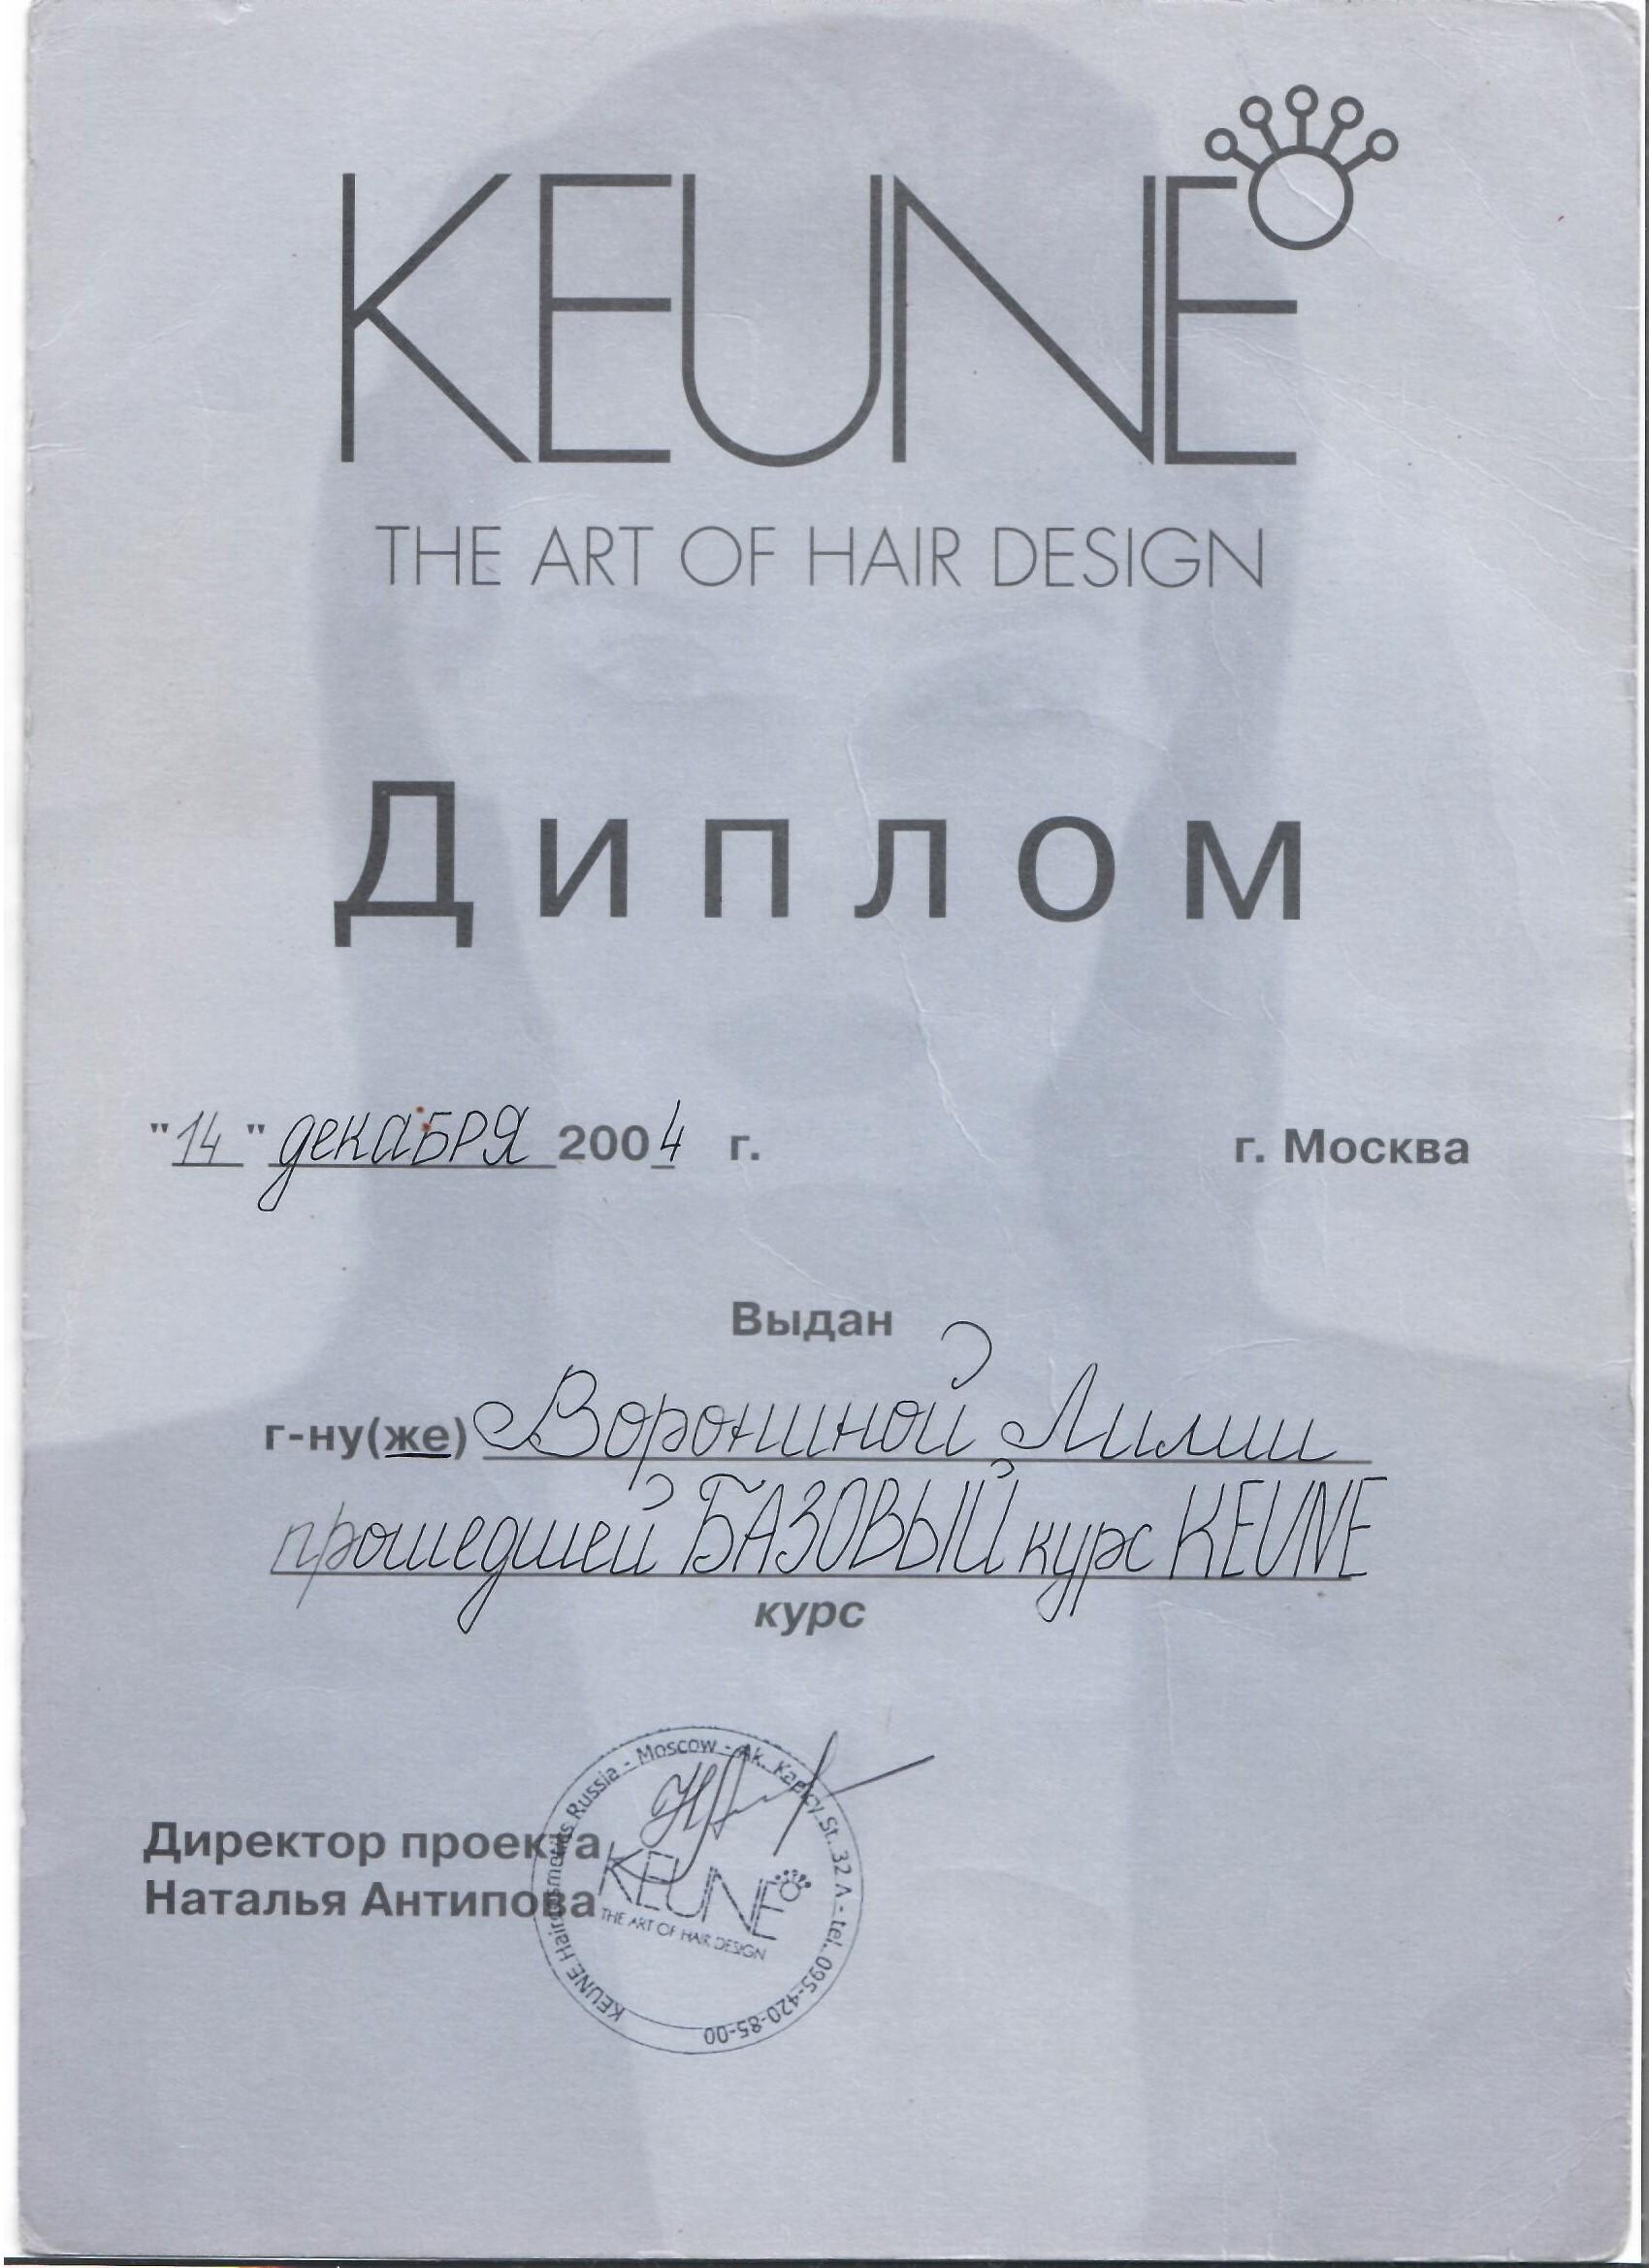 2004 обучение по колористике в студии  KEUNE.